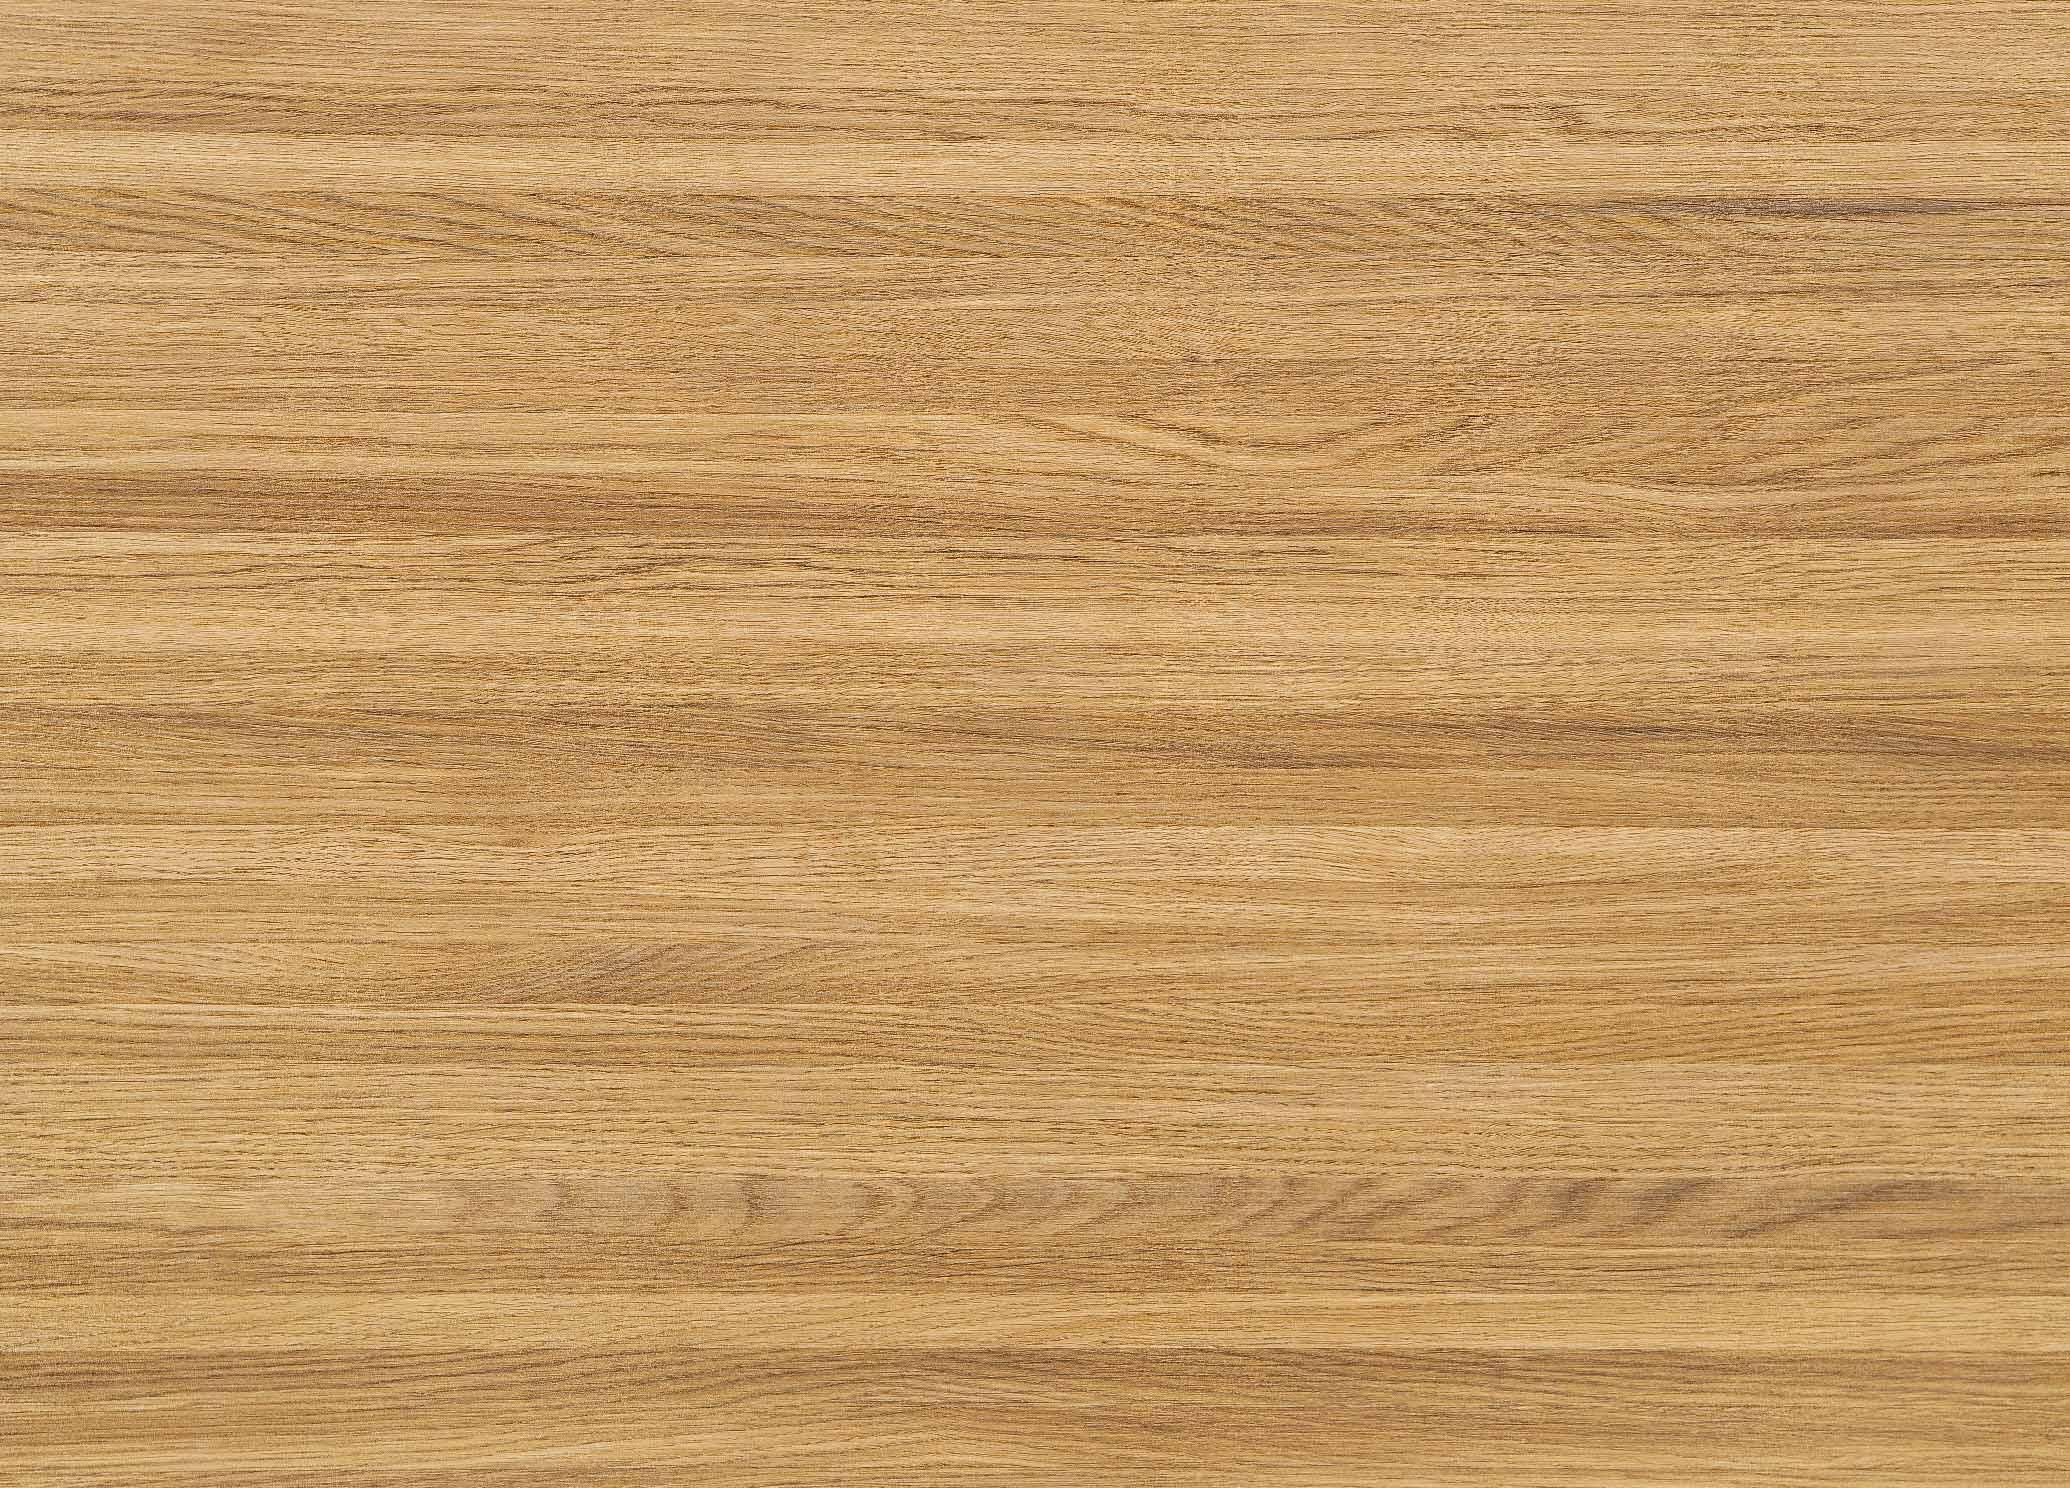 Мебельный щит № 98П Золотистый дуб 6 мм